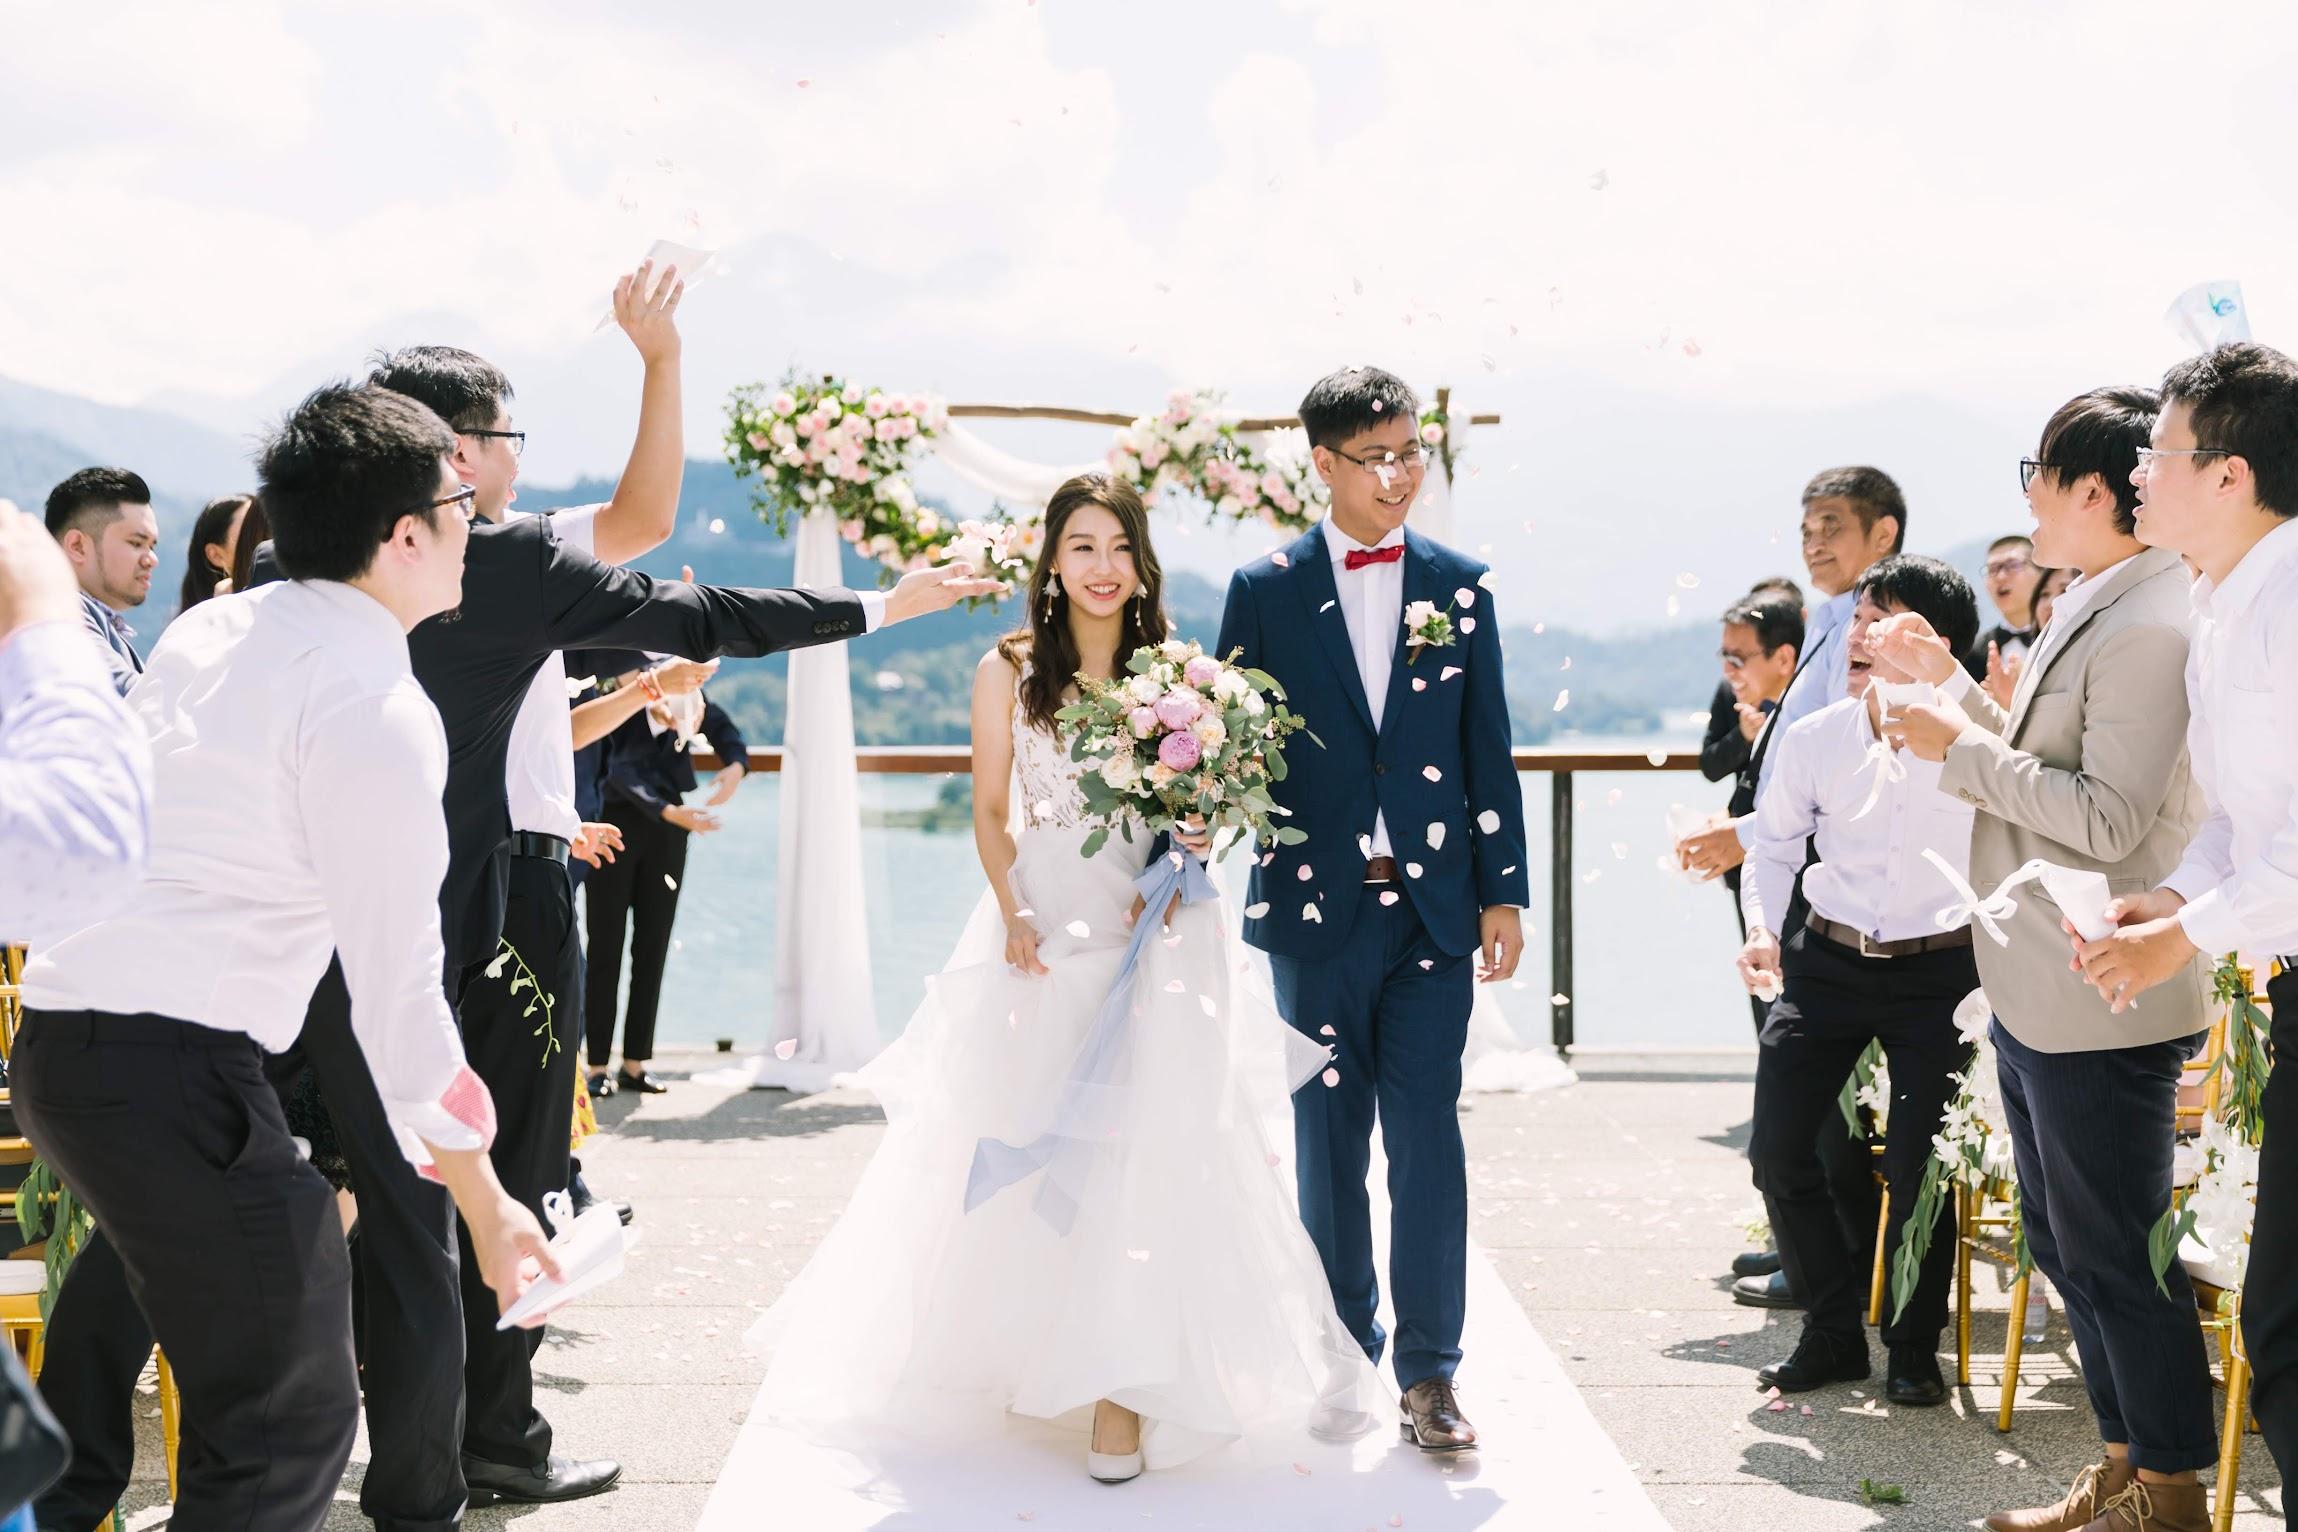 涵碧樓婚禮攝影 -證婚